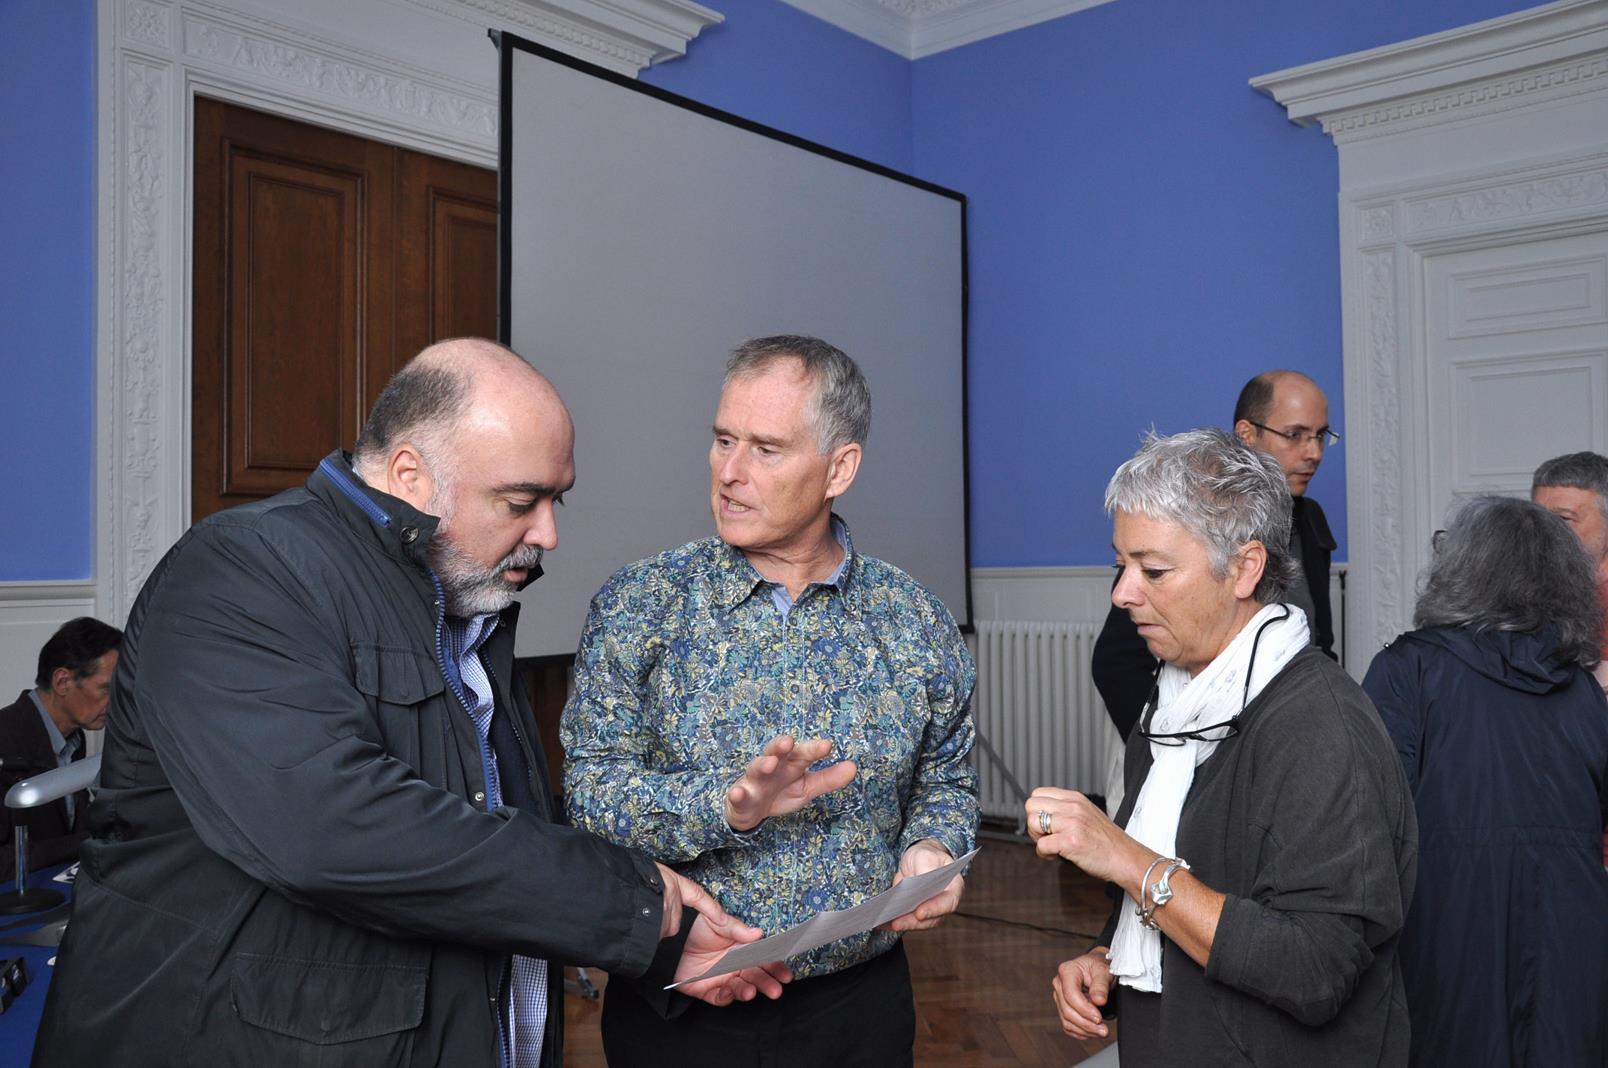 José Antonio Hernández, respondiendo a las preguntas del matrimonio Blair. 23/10/19